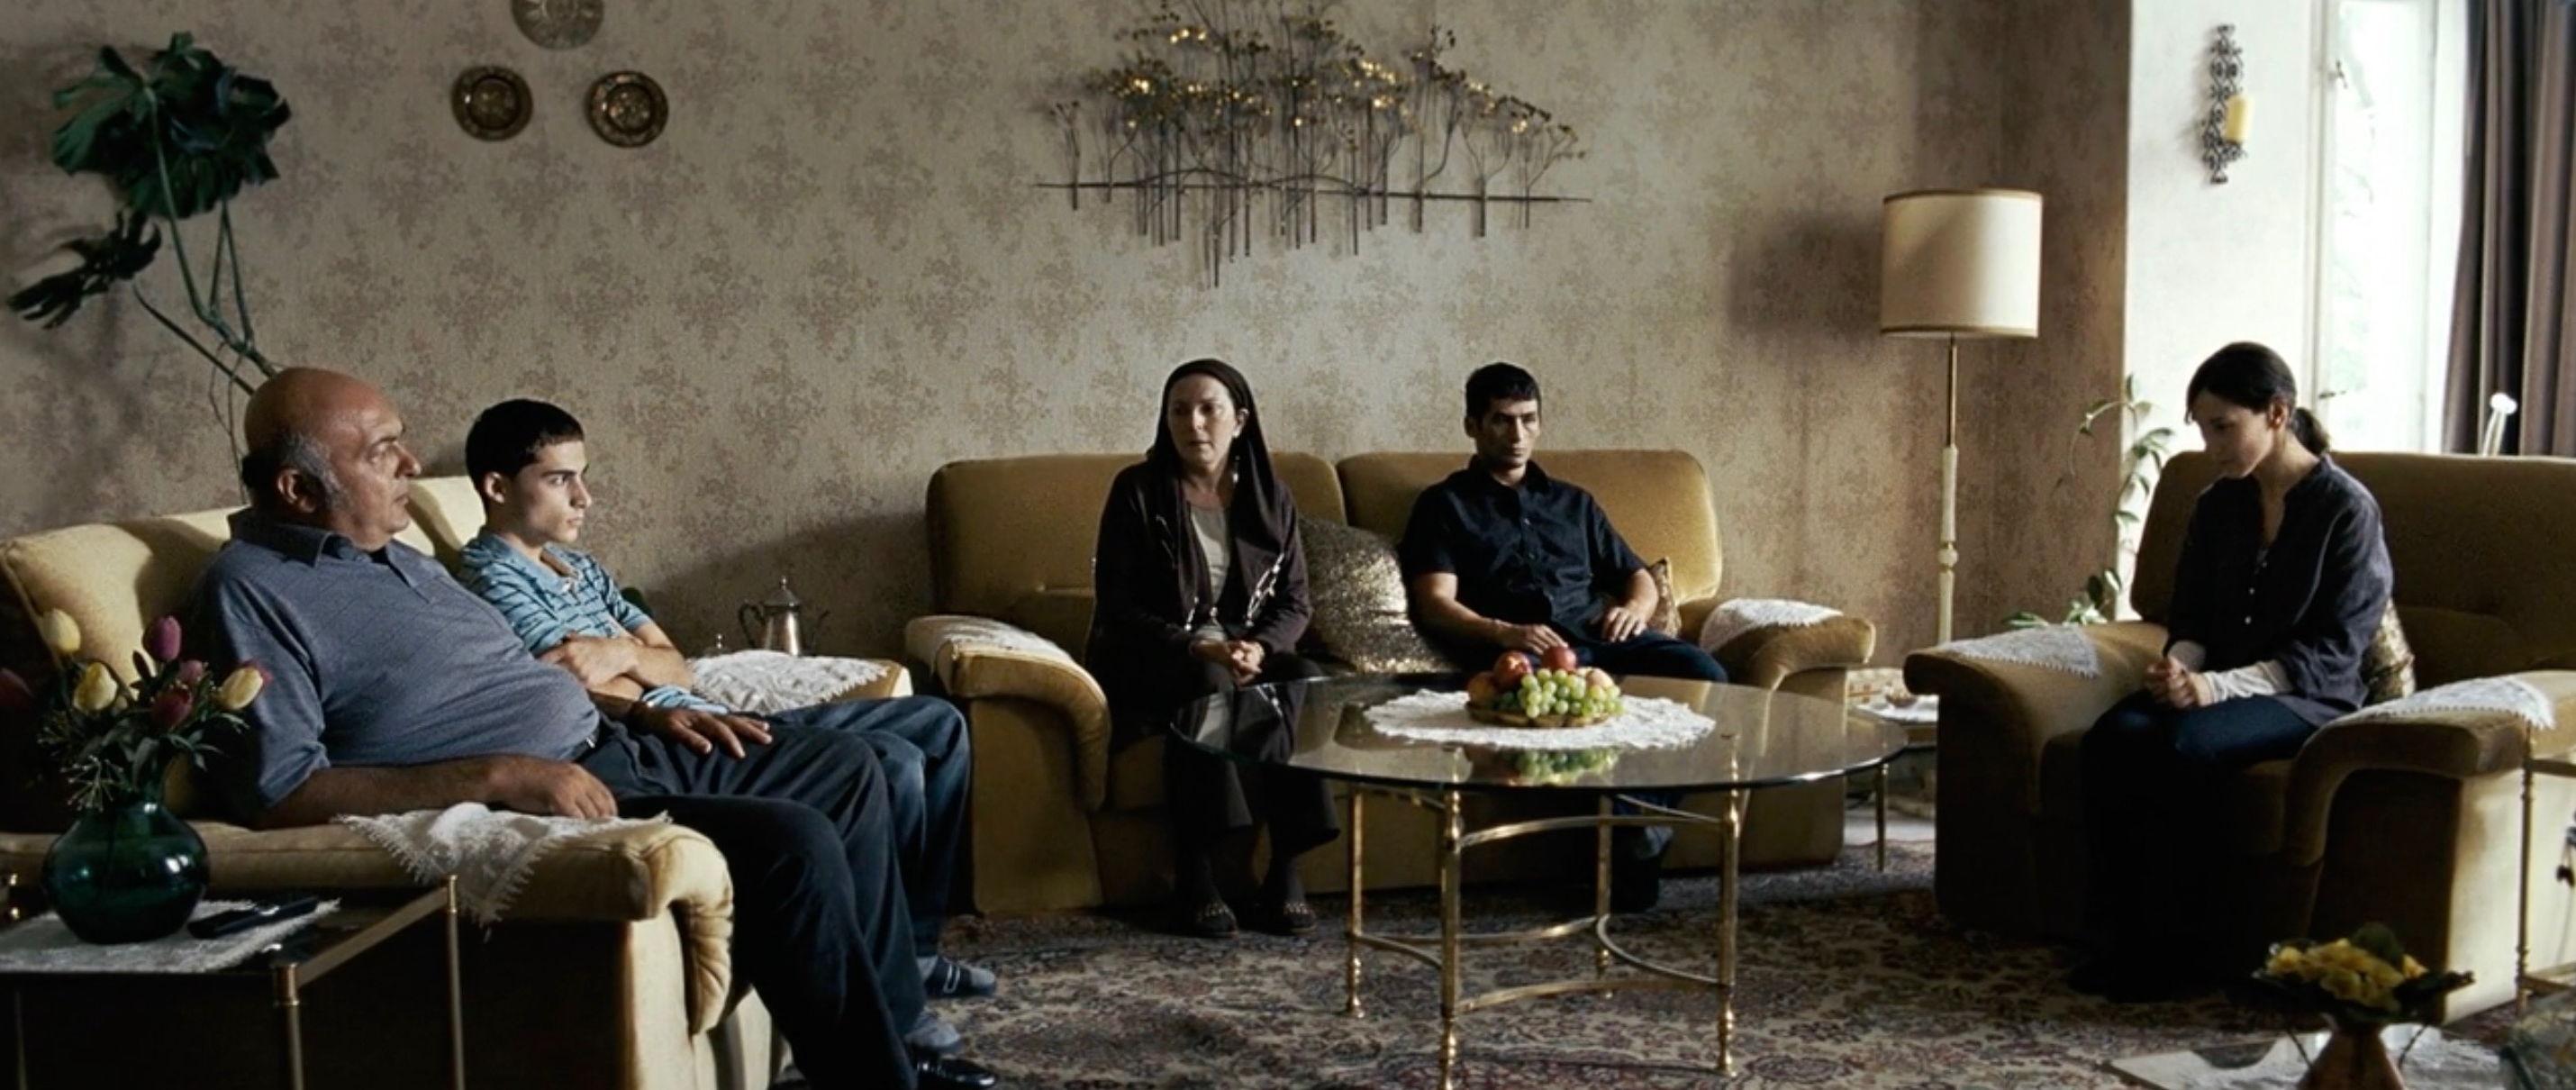 Die Fremde - When We Leave - Umays Familie - Regie: Feo Aladag - Kamera Judith Kaufmann